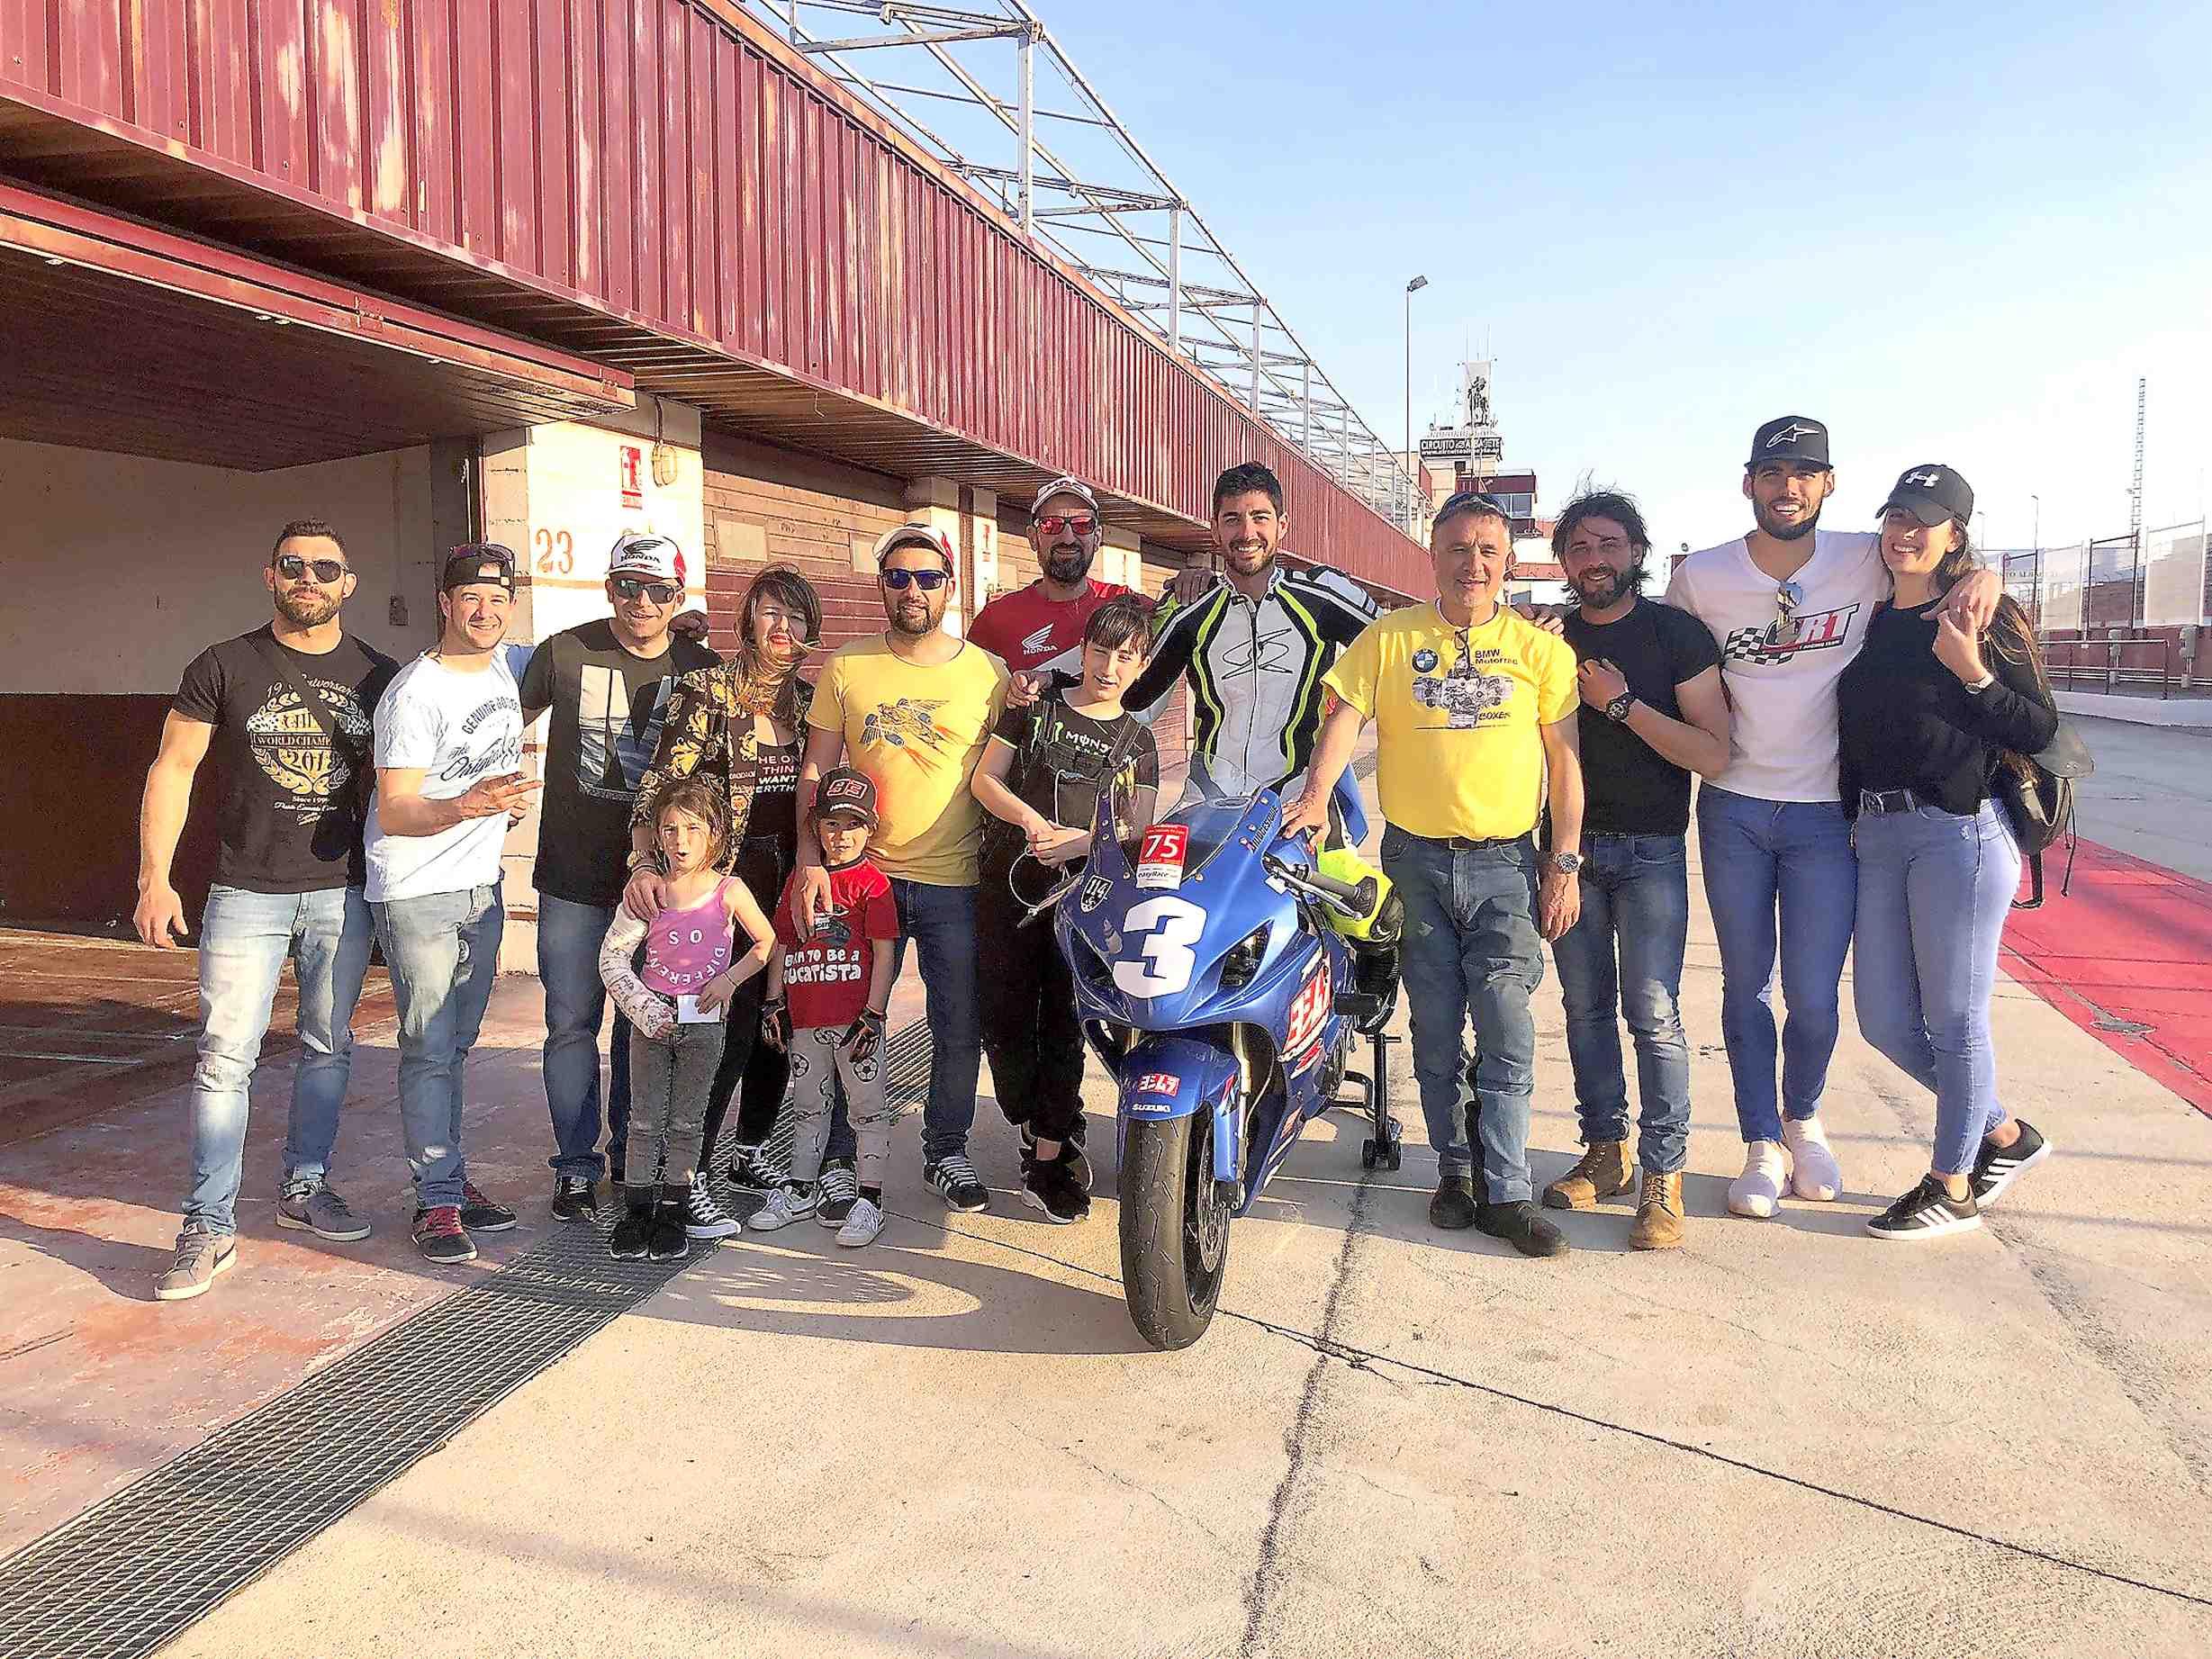 El ibense Rubén Barea promueve y participa en la primera carrera de motos de la historia de España para pilotos con discapacidad física